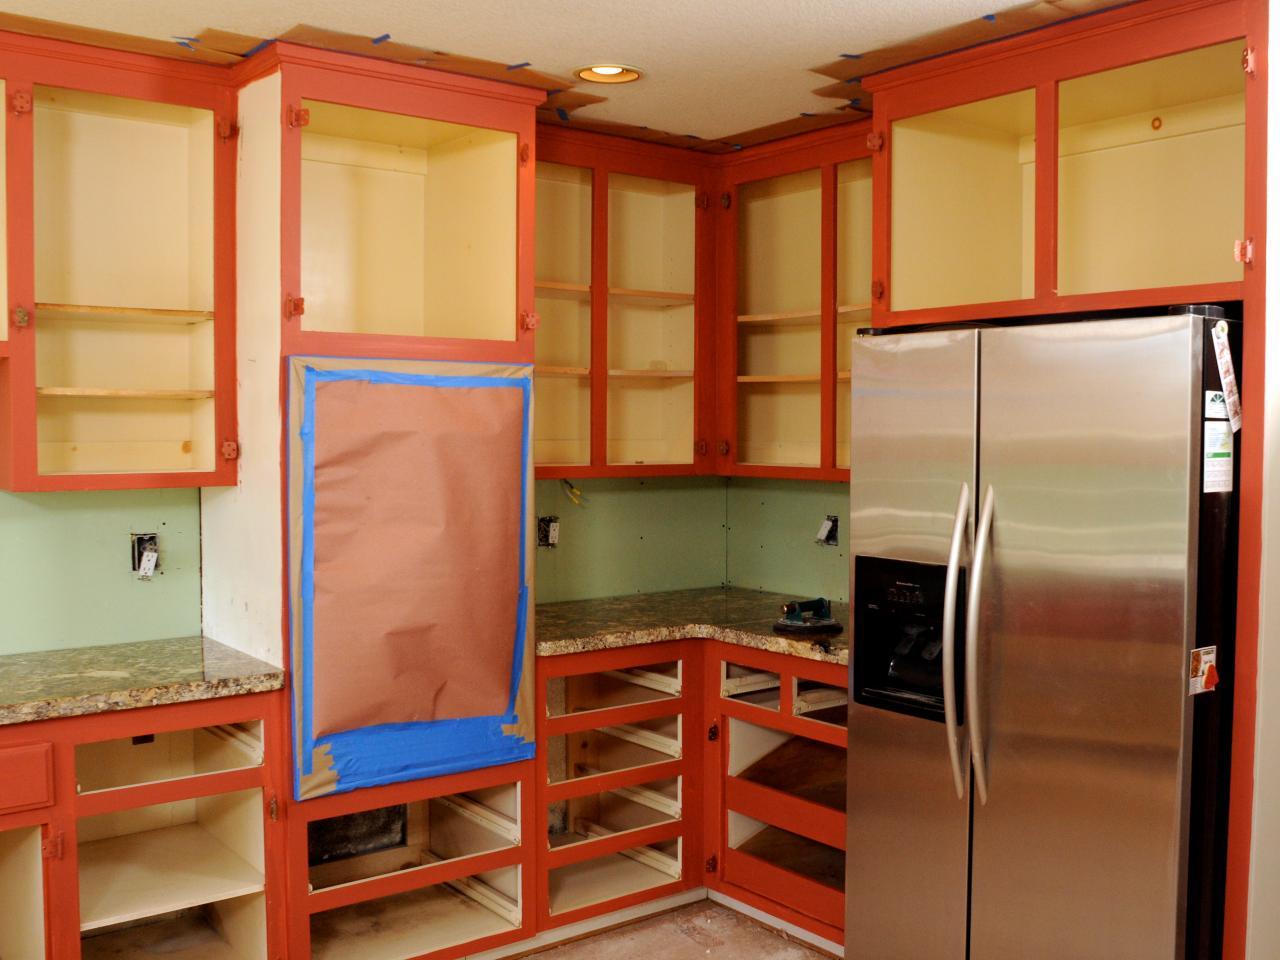 10-ways-to-remodel-your-kitchen-under-20002